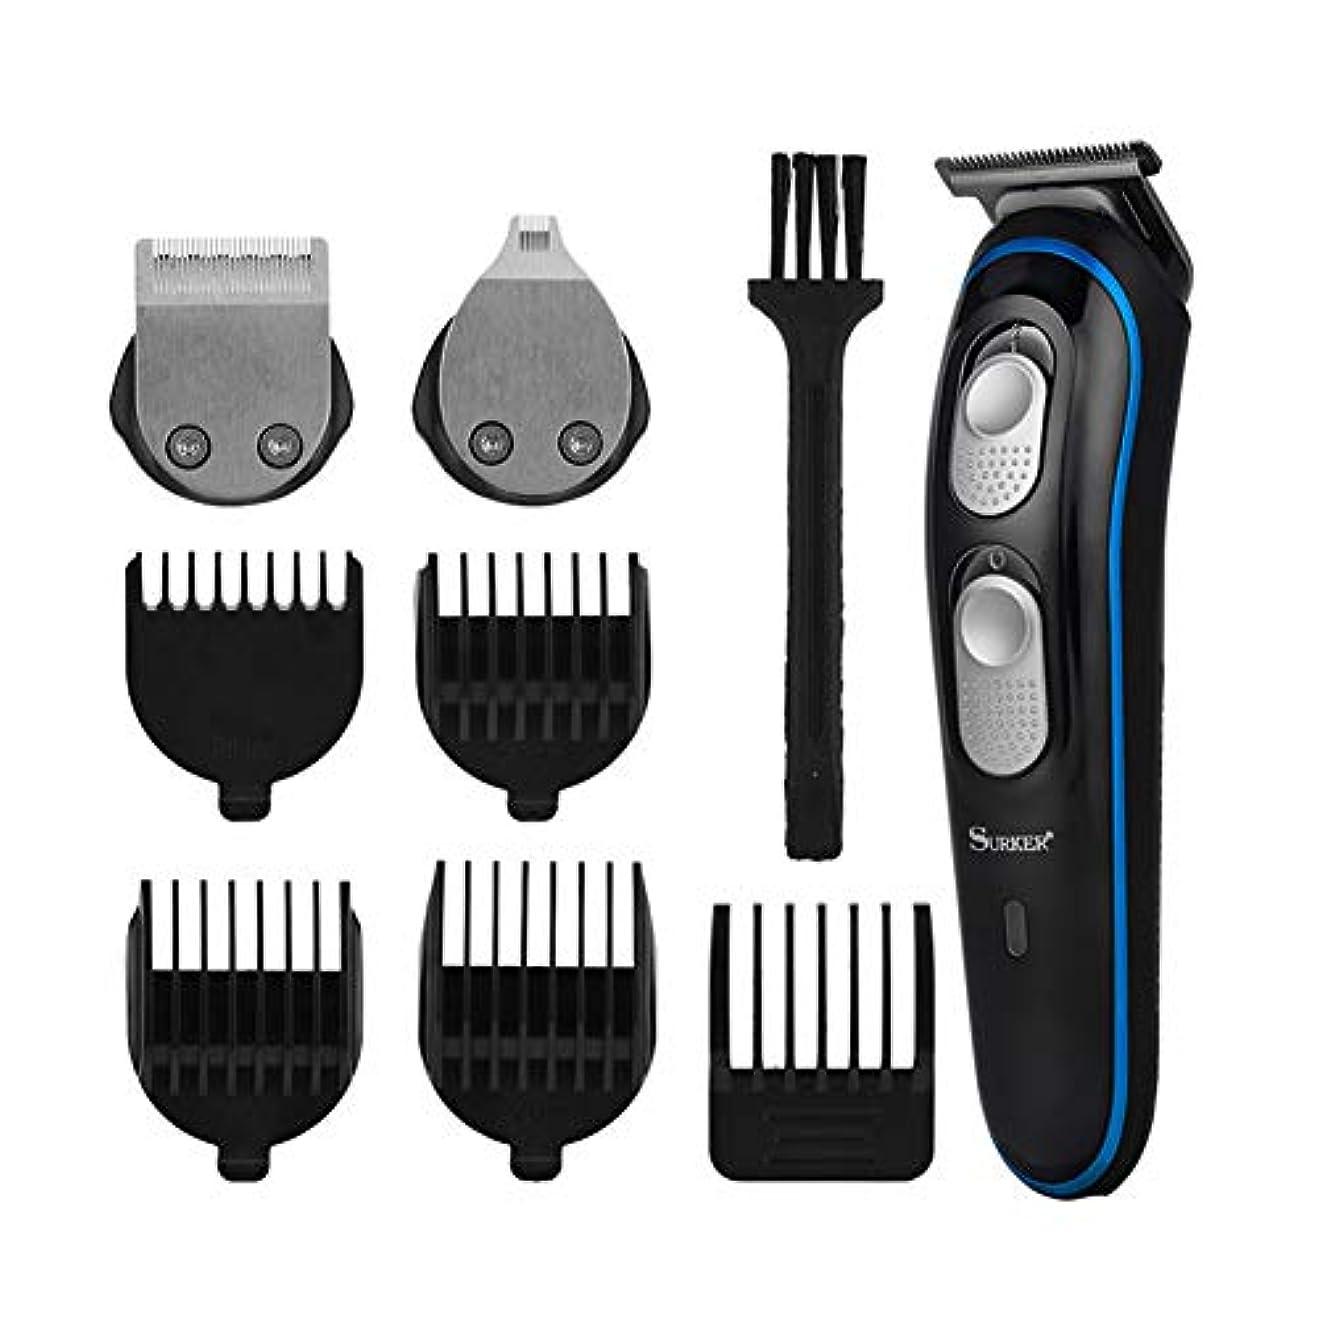 精査する品揃え野菜バリカン3で1電気低ノイズヘアトリマー男性用グルーミング精密モデリングdiyヘアカッターヘア切断機